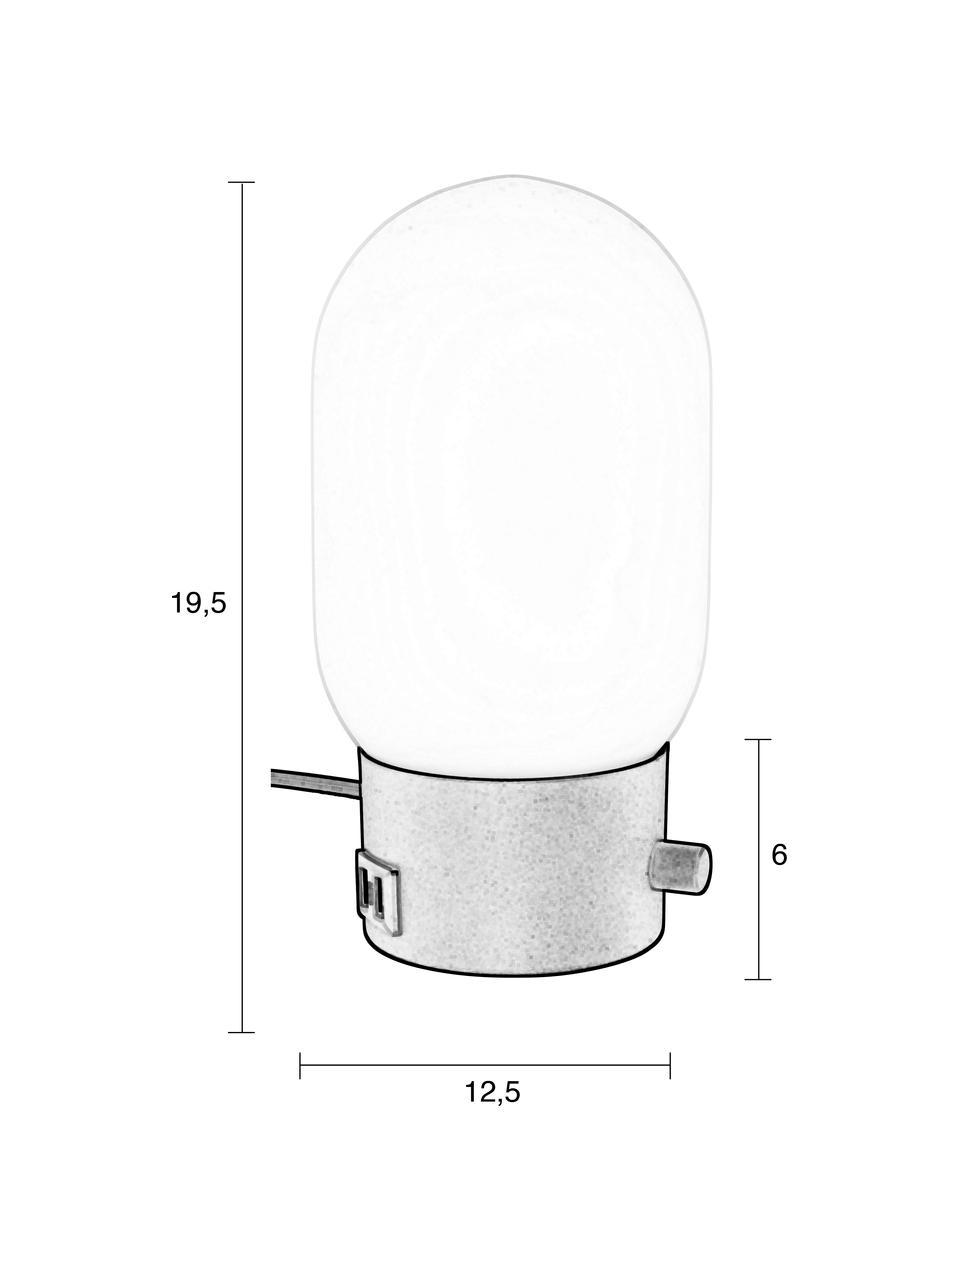 Kleine Dimmbare Nachttischlampe Urban mit USB-Anschluss, Lampenschirm: Opalglas, Lampenfuß: Metall, beschichtet, Schwarz, Weiß, Ø 13 x H 25 cm